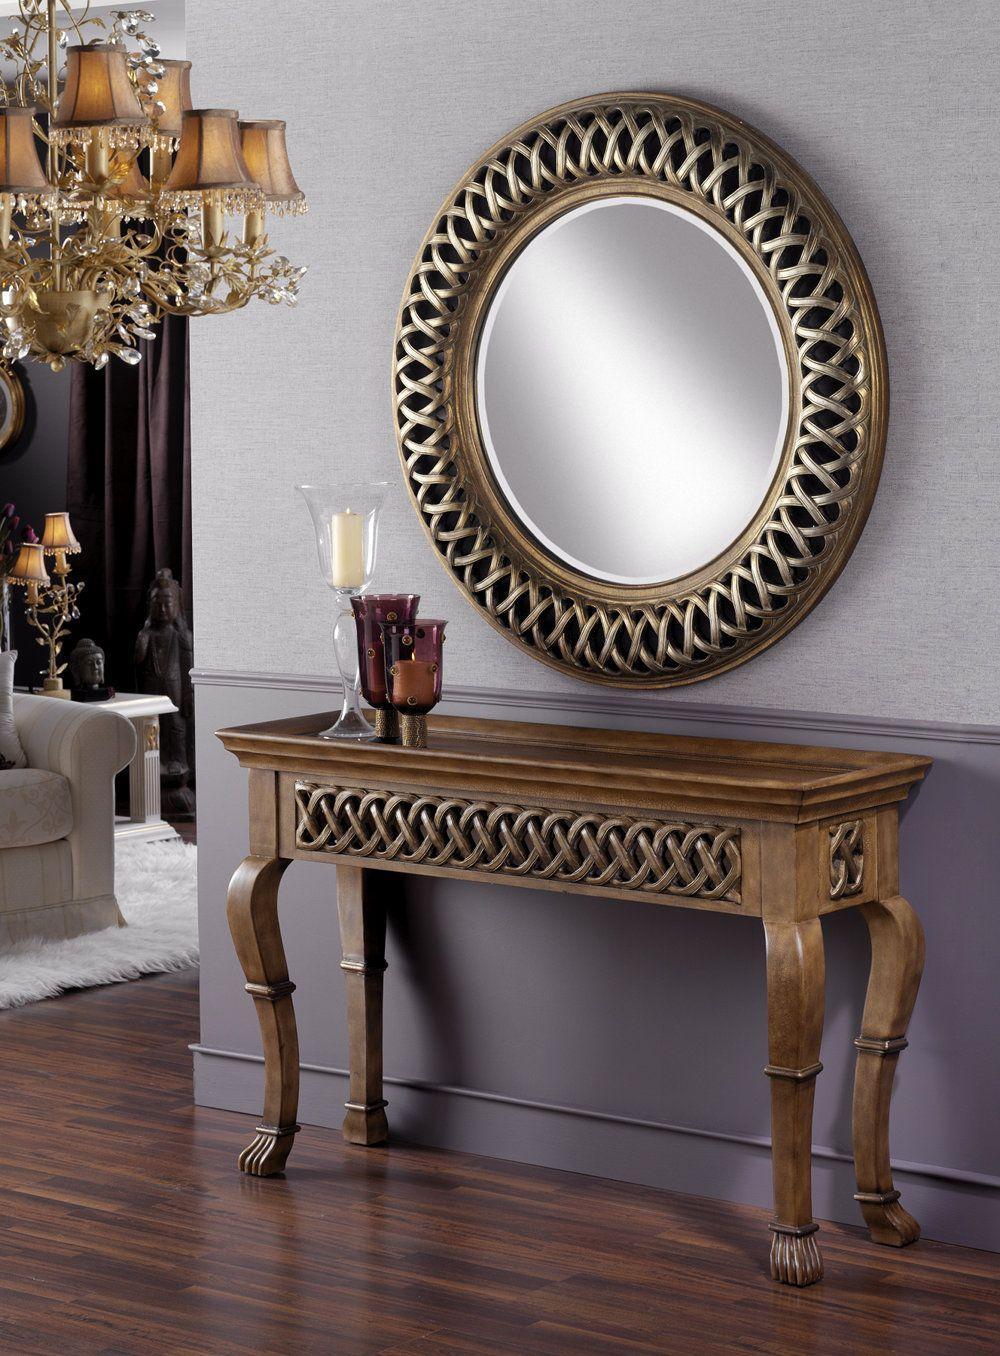 Espejos cl sicos decorativos for Espejos redondos para decoracion